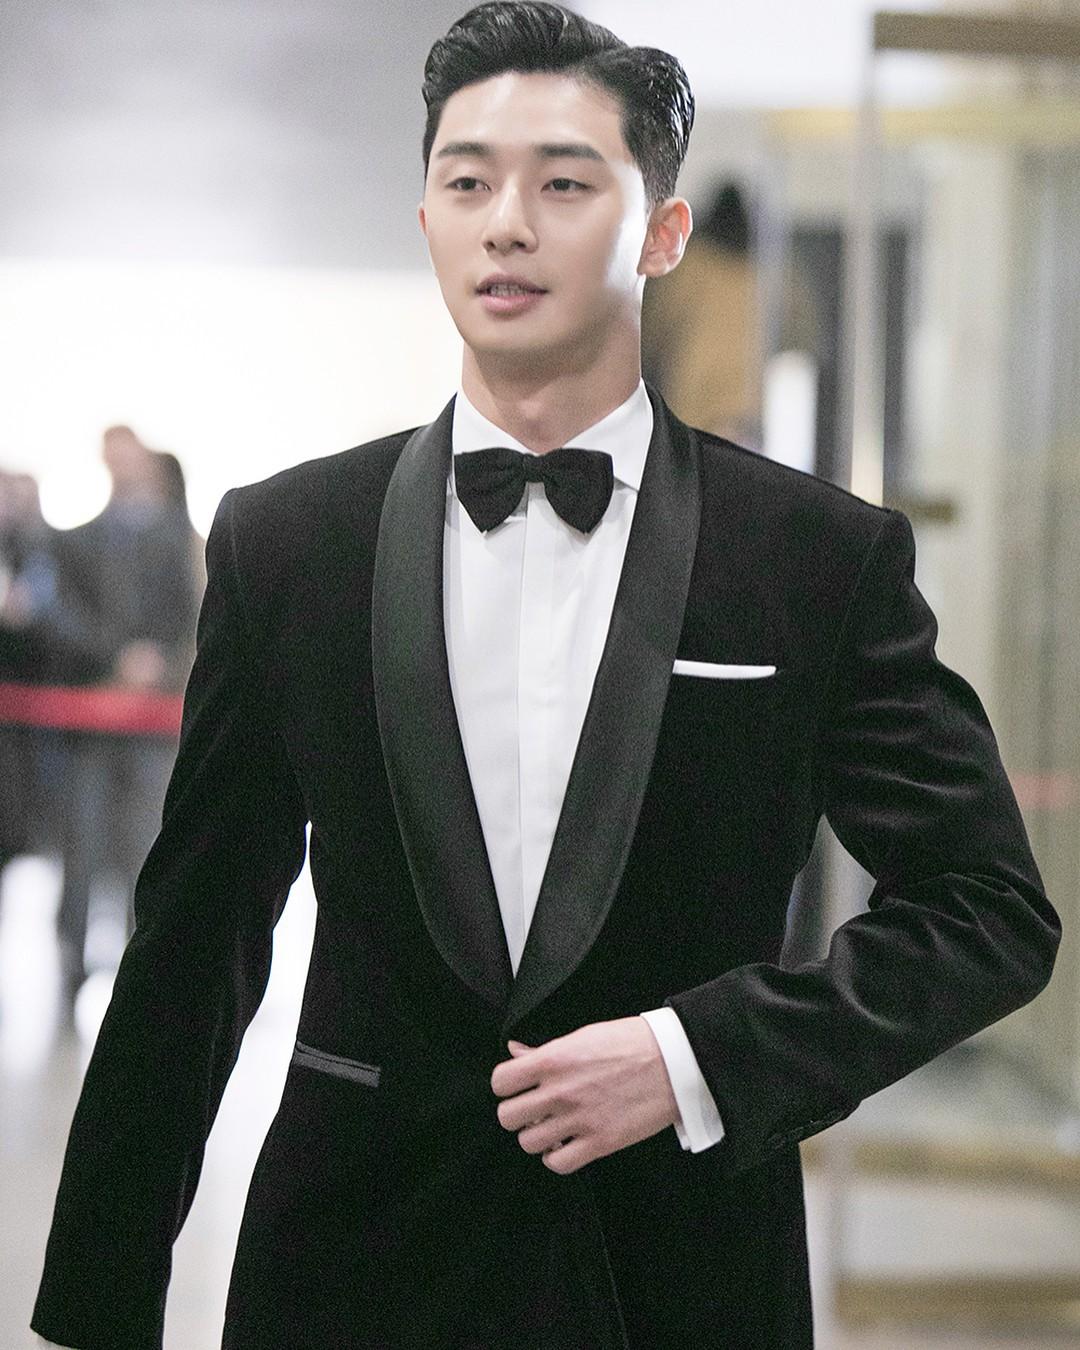 Park Seo Joon - nam thần không chỉ điển trai mà còn mặc đẹp từ phim đến đời thực - Ảnh 5.